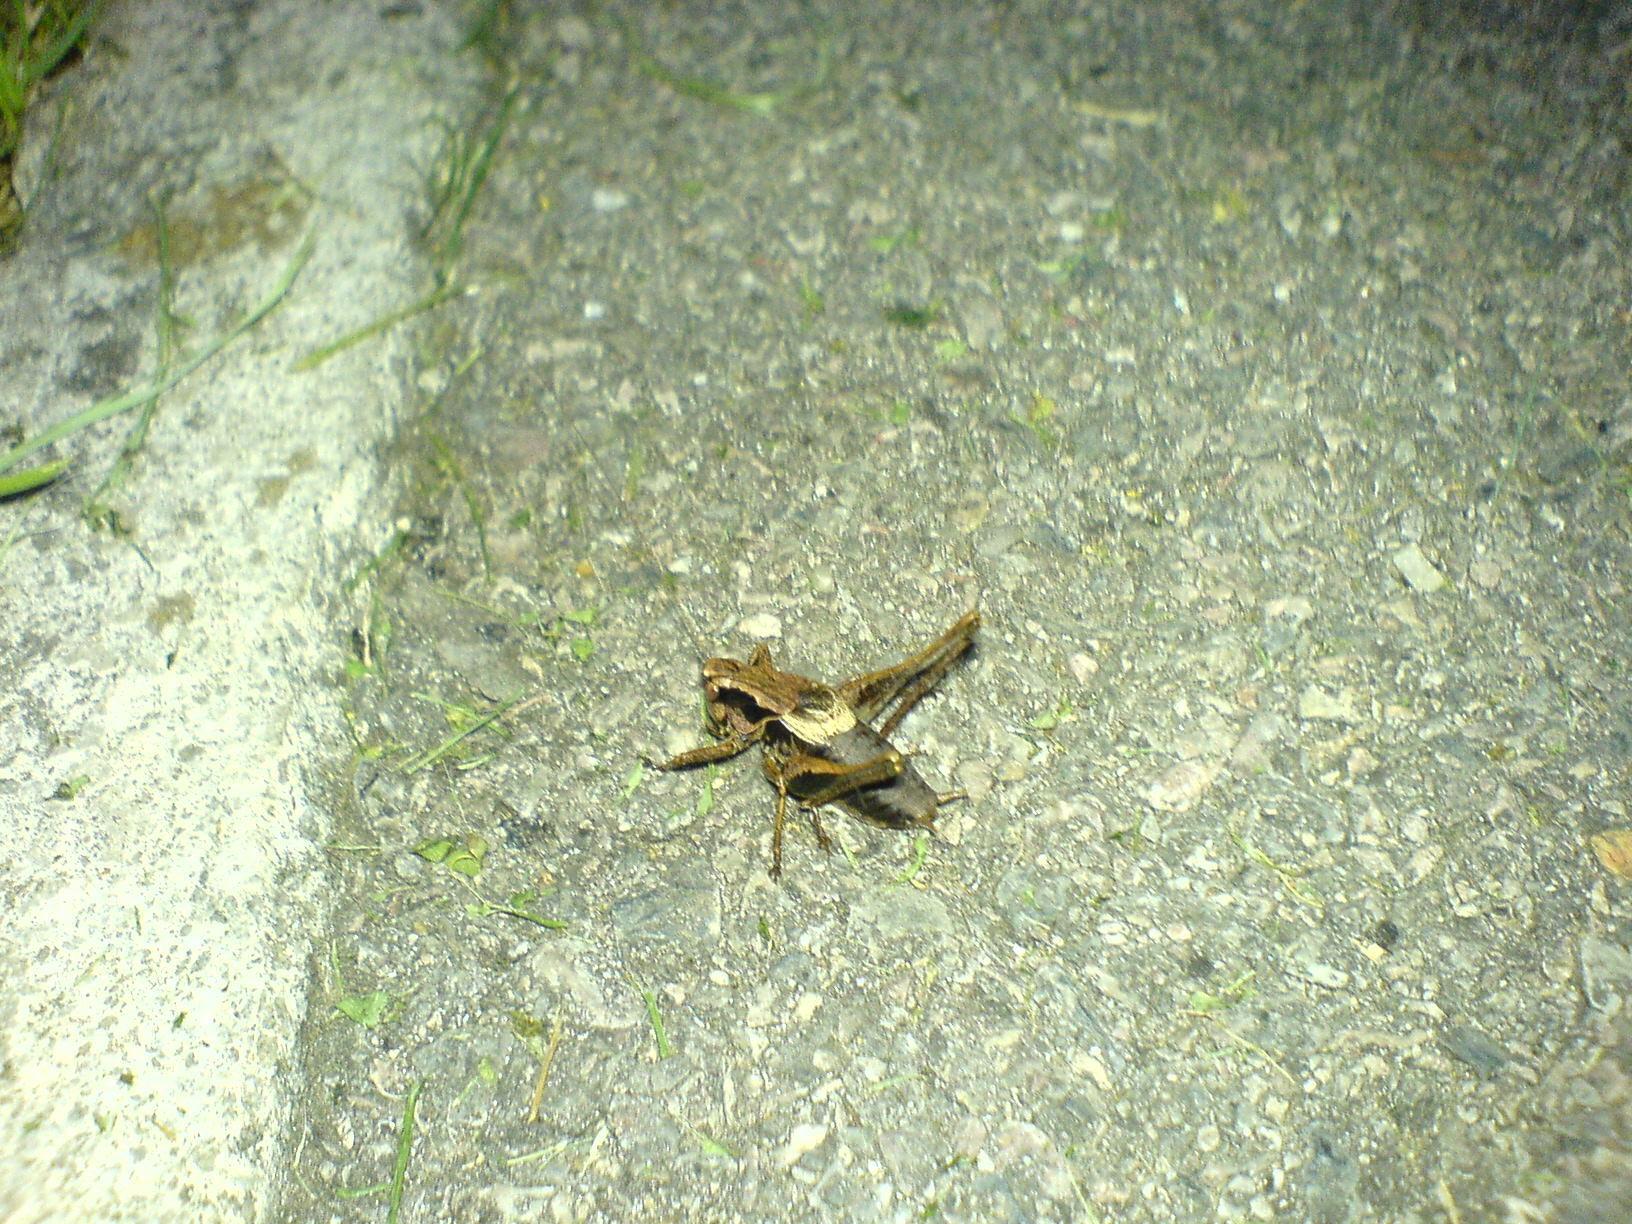 Image of dark bush-cricket